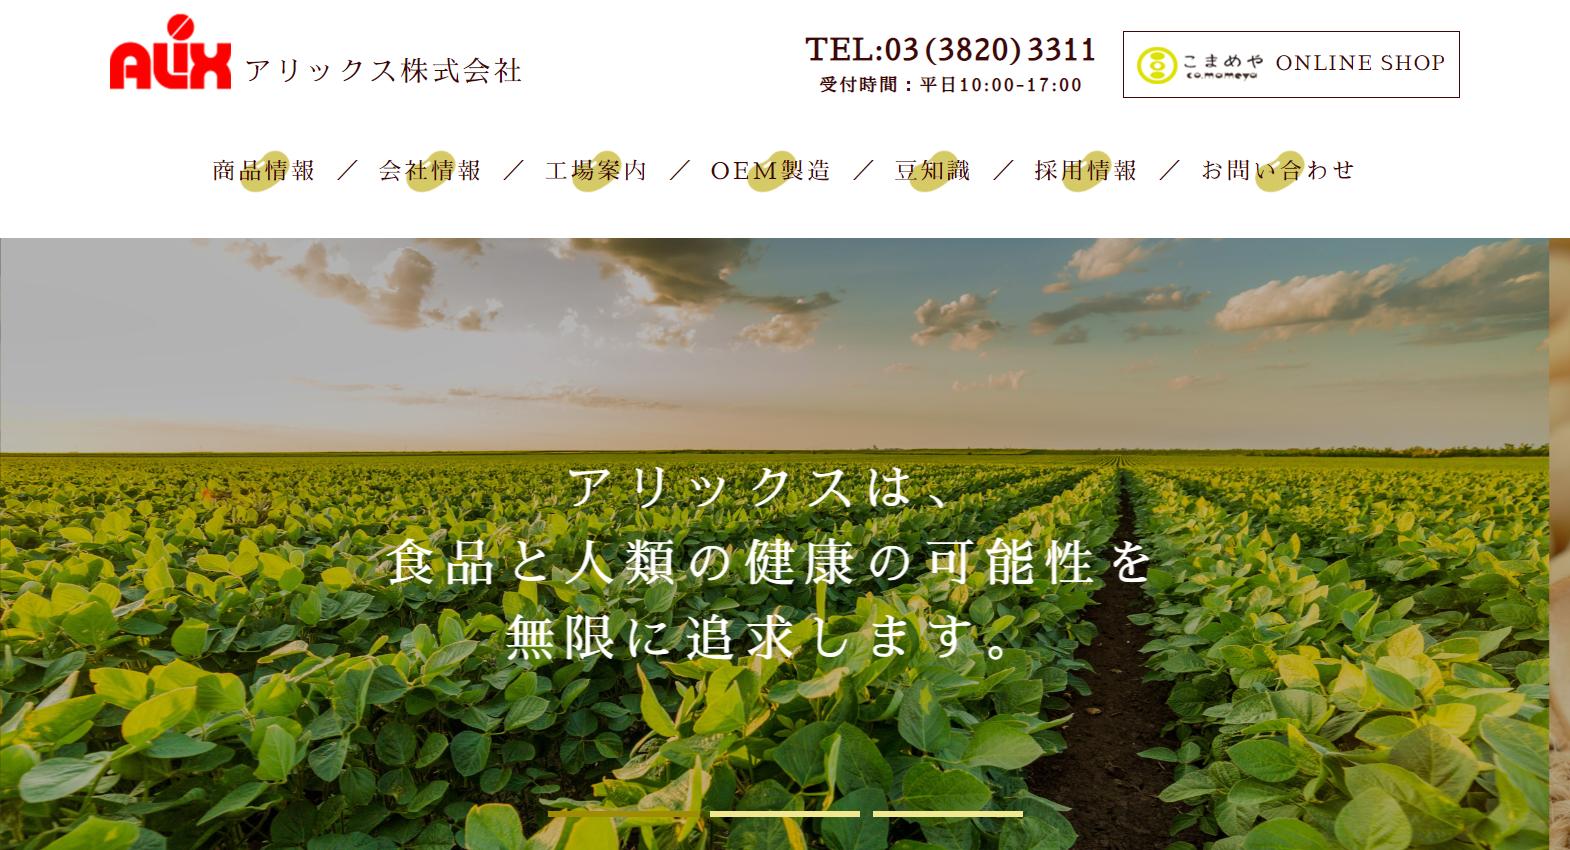 ホームページ制作事例アリックス株式会社